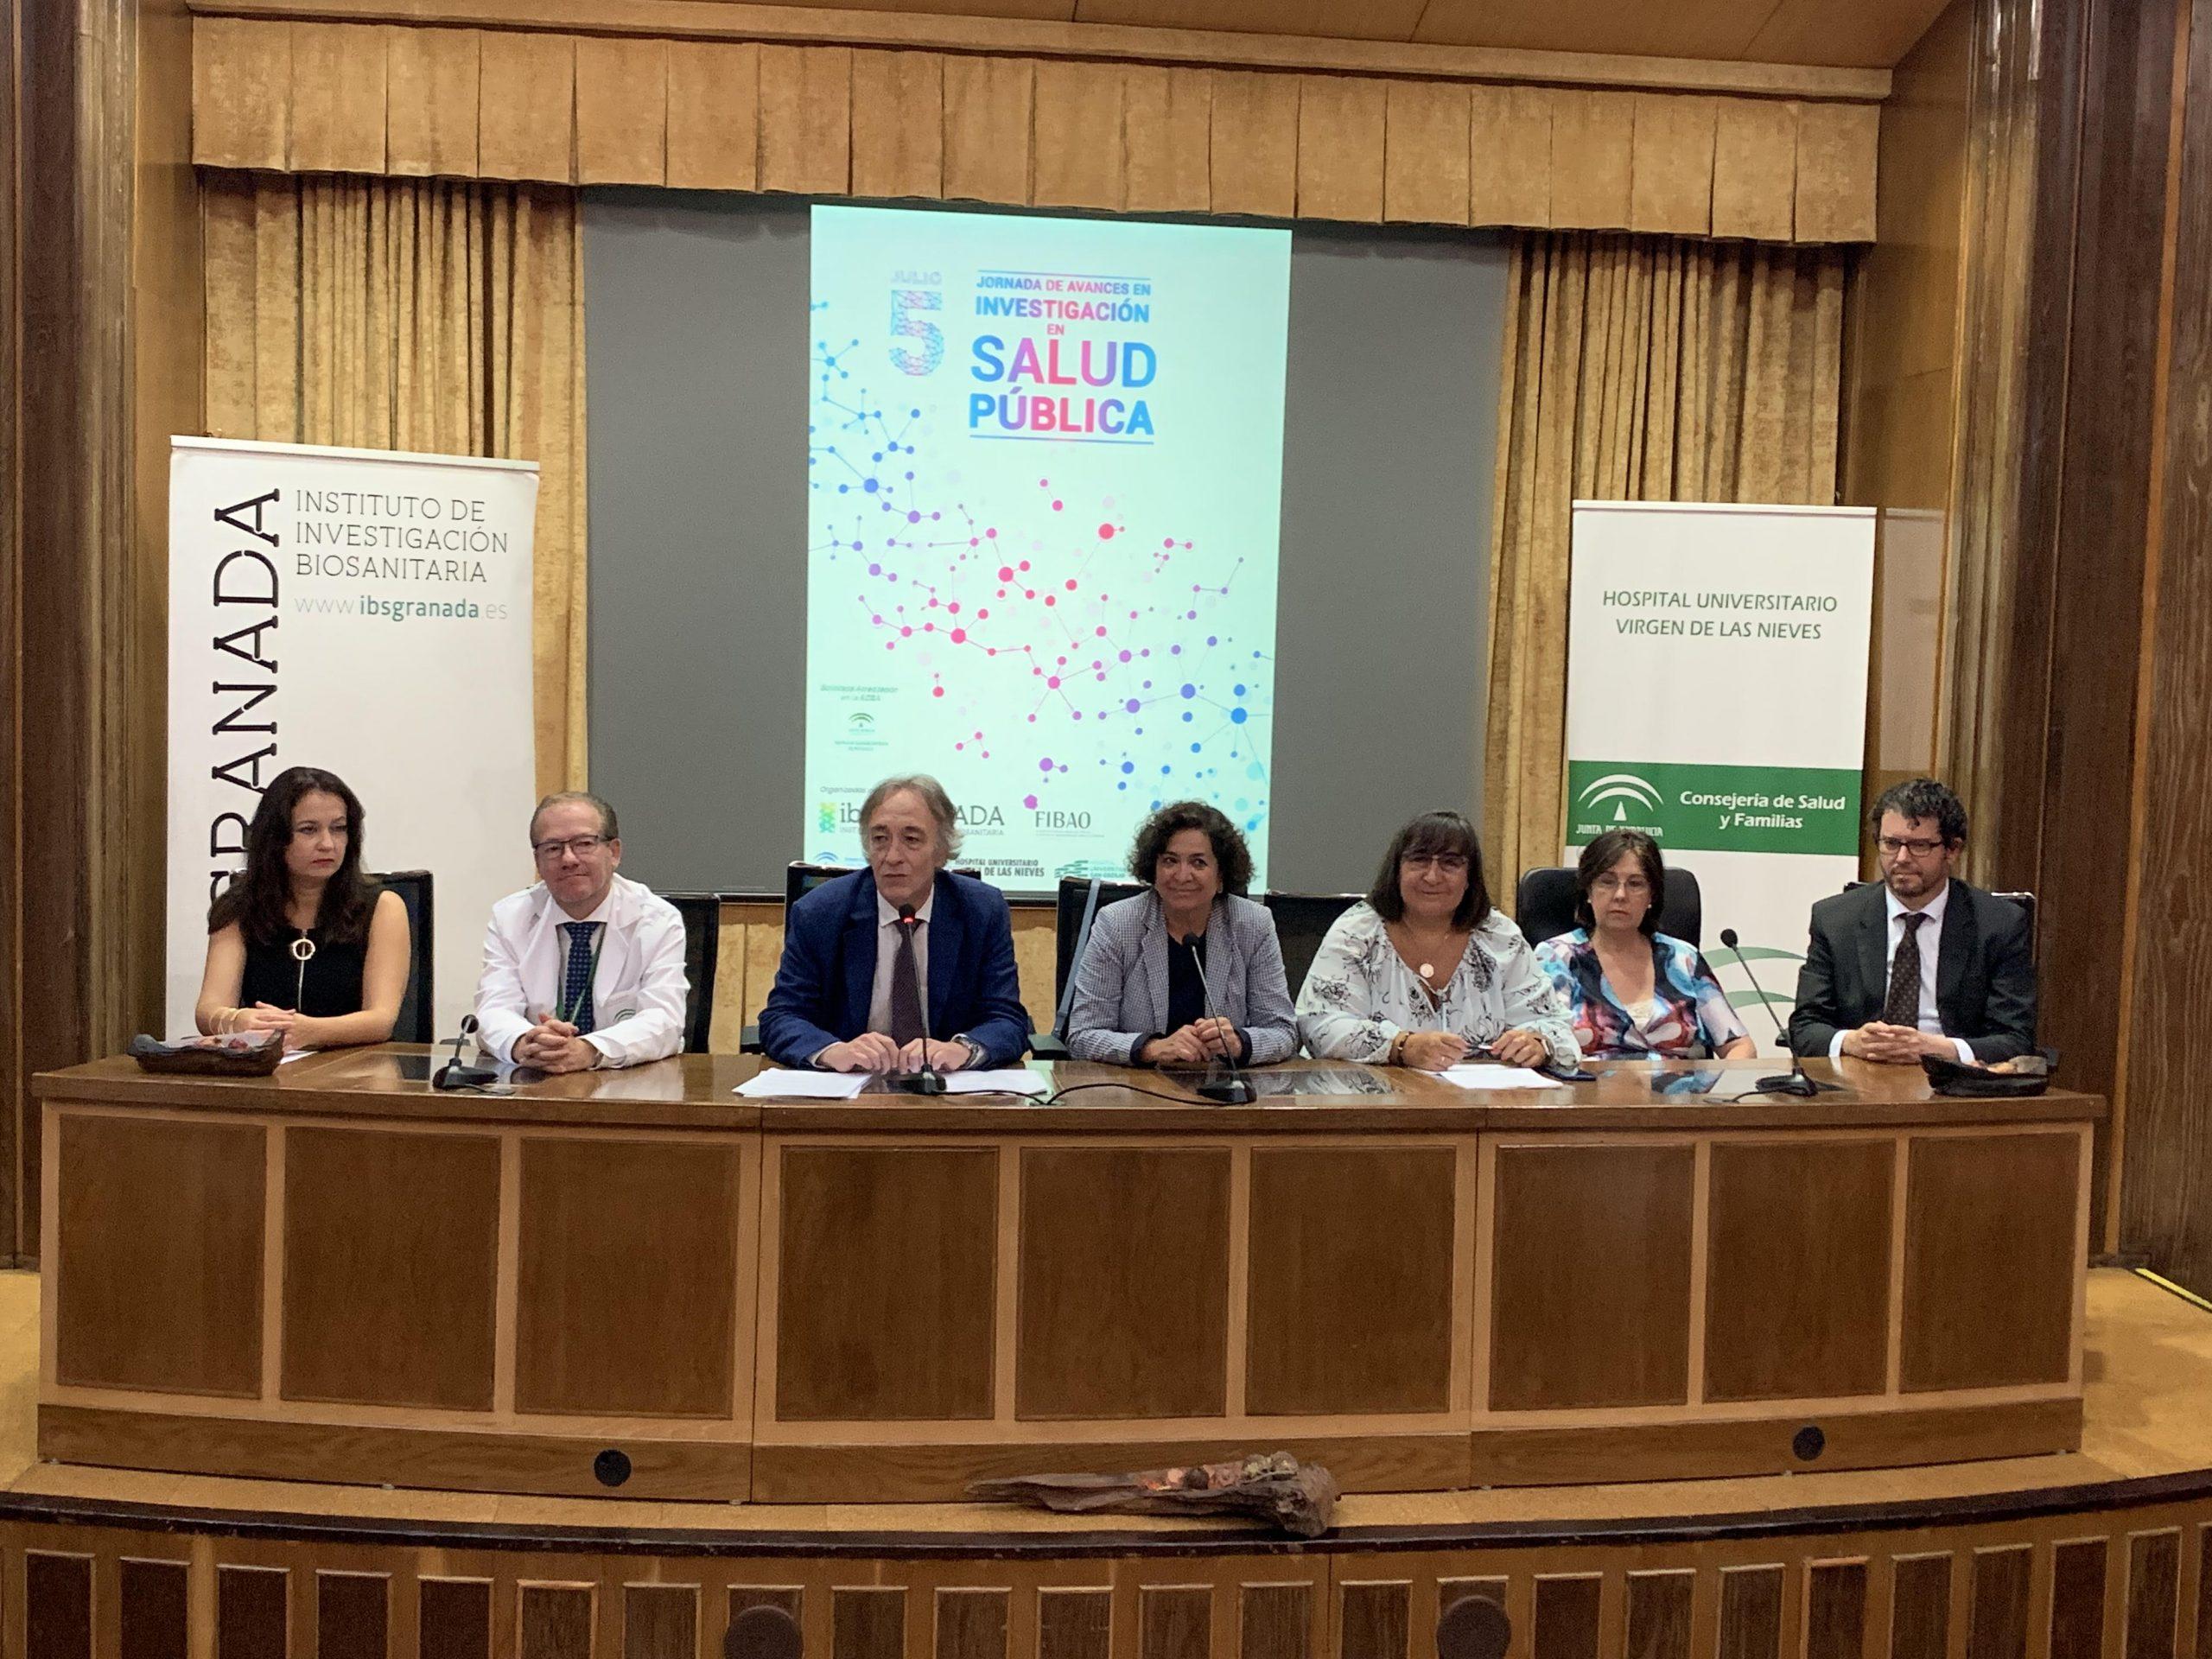 Jornada sobre Avances en la Investigación en Salud Pública